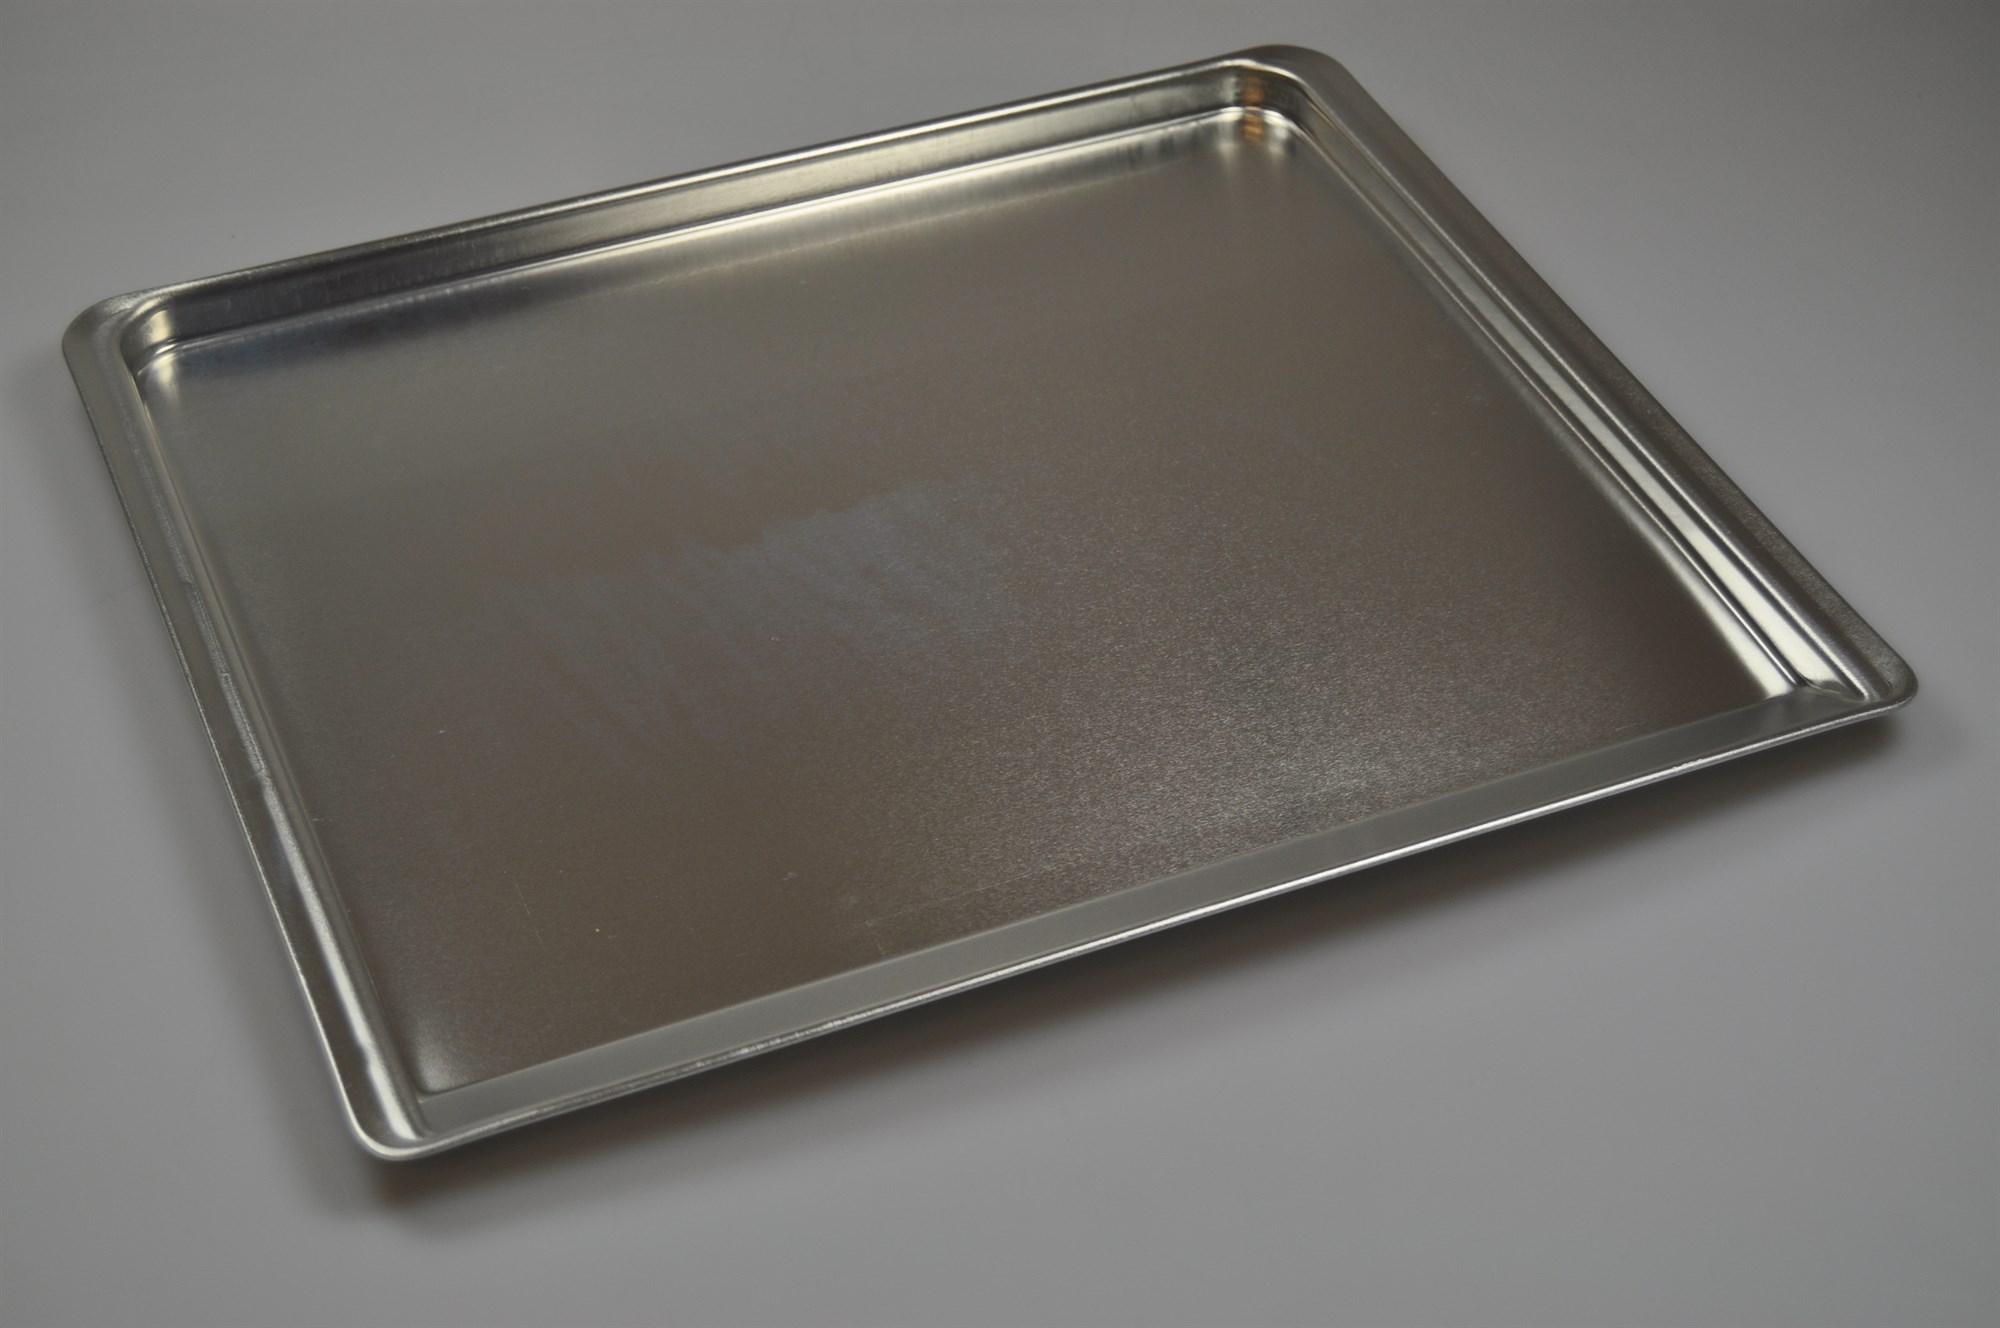 Backblech neff herd & backofen 420 mm x 360 mm aluminium